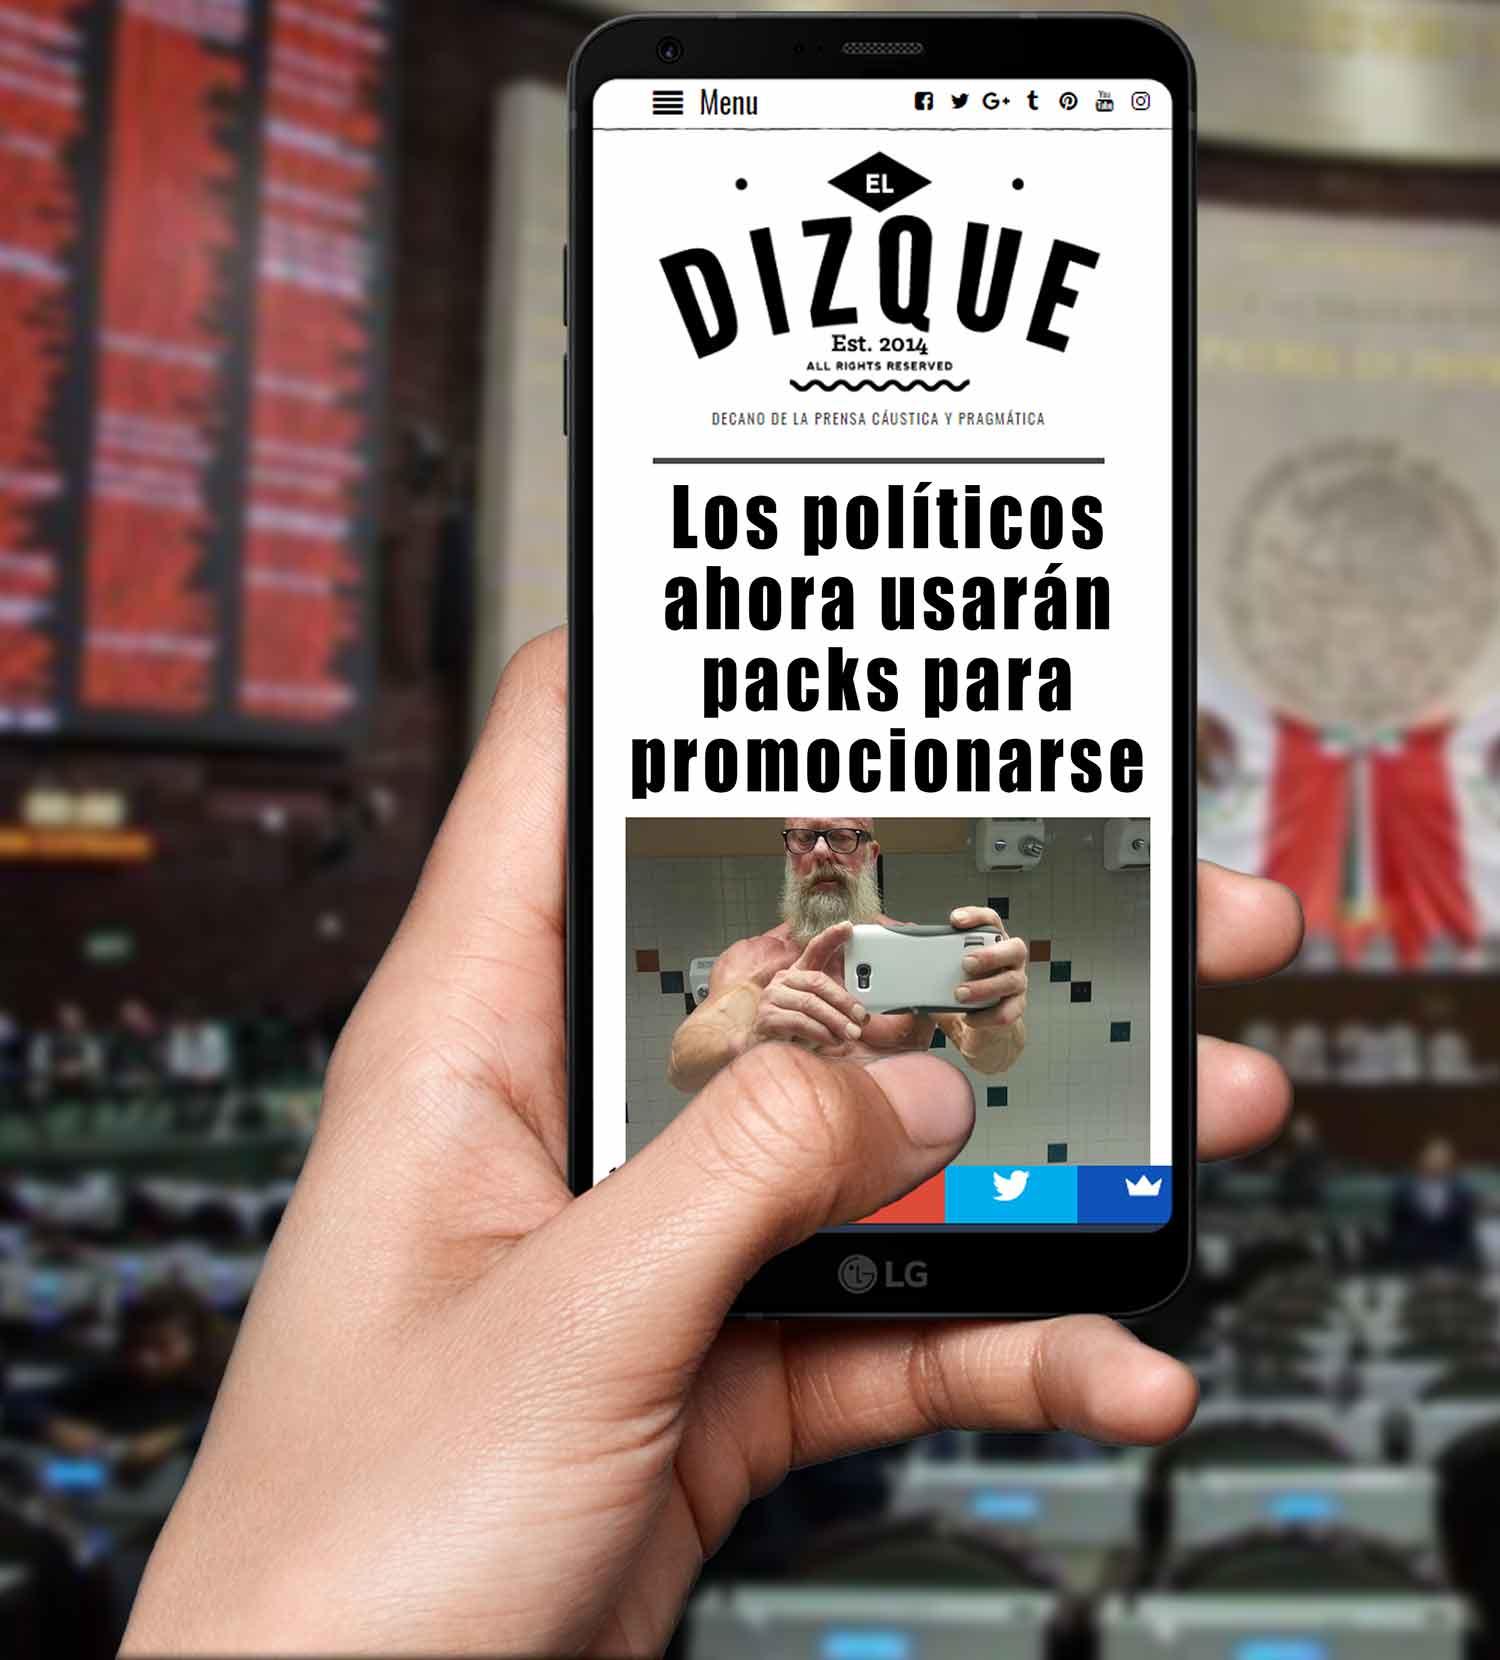 Los políticos ahora utilizarán packs para promocionarse